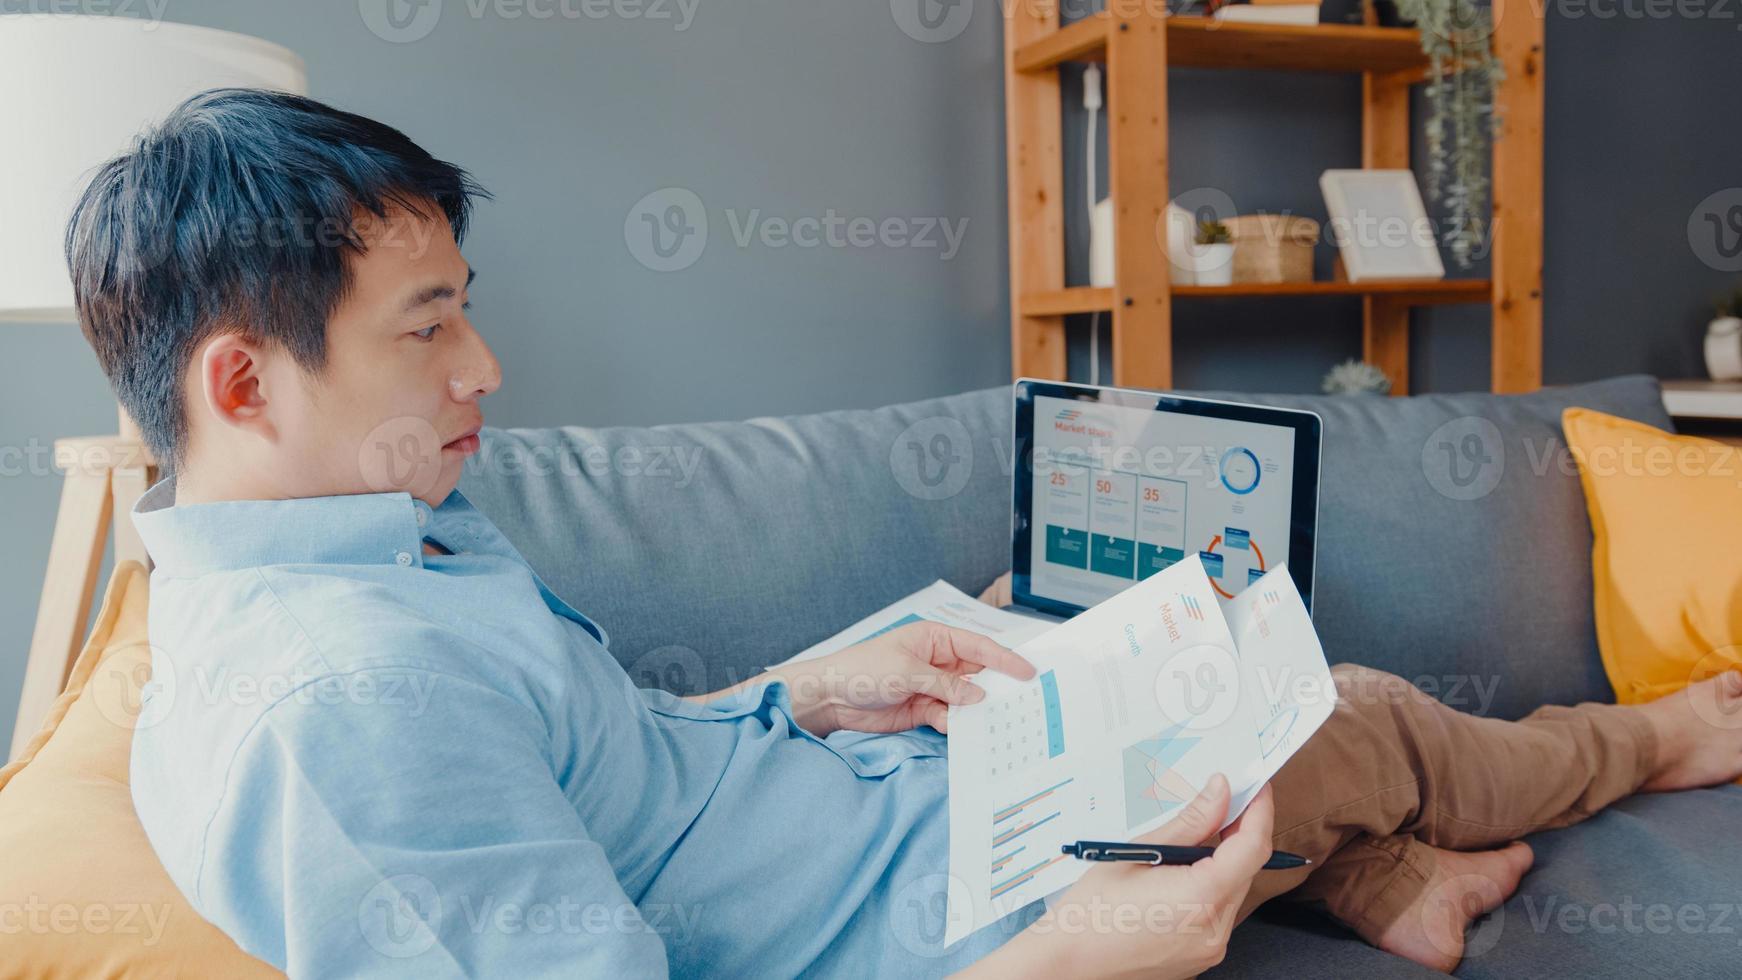 ropa casual de chico asiático independiente con aprendizaje en línea portátil en la sala de estar de la casa. trabajo desde casa, trabajo a distancia, educación a distancia, distanciamiento social, cuarentena para la prevención del coronavirus. foto